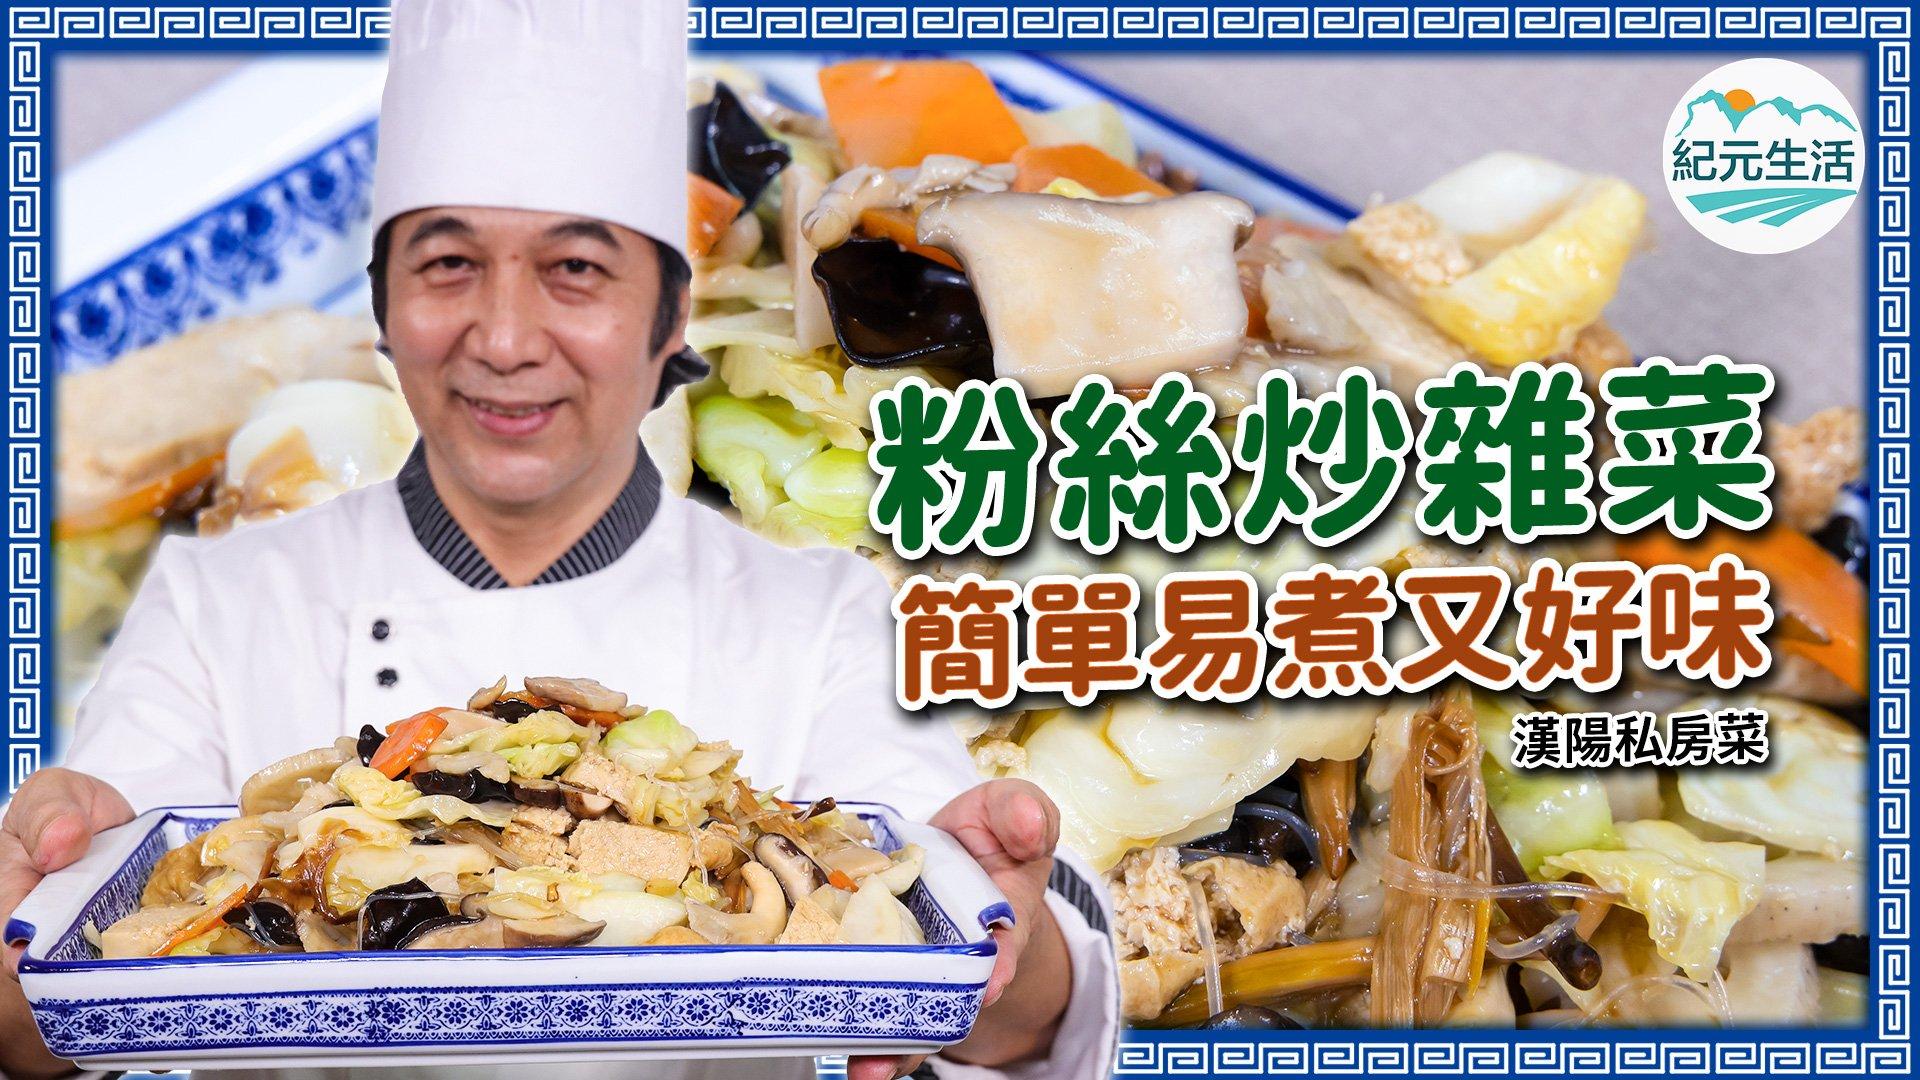 漢陽大廚帶來簡單易煮又好味的粉絲炒雜菜。(設計圖片)